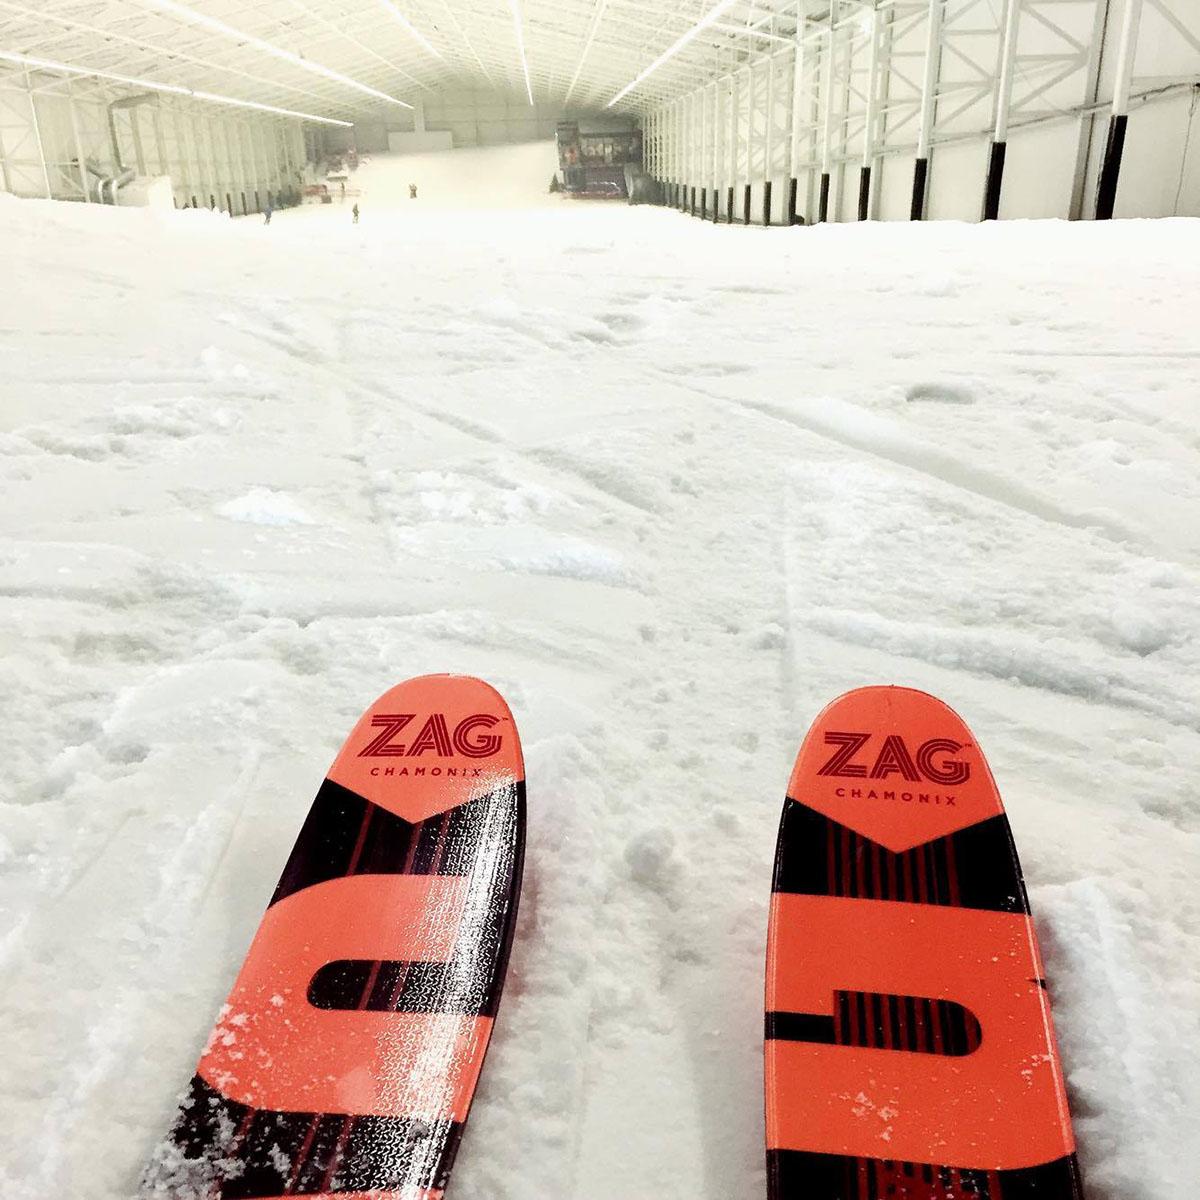 route pour arriver sur cette piste de ski et pouvoir profiter de la neige aspen est environ 30 minutes de la capitale et pour moi a change tout